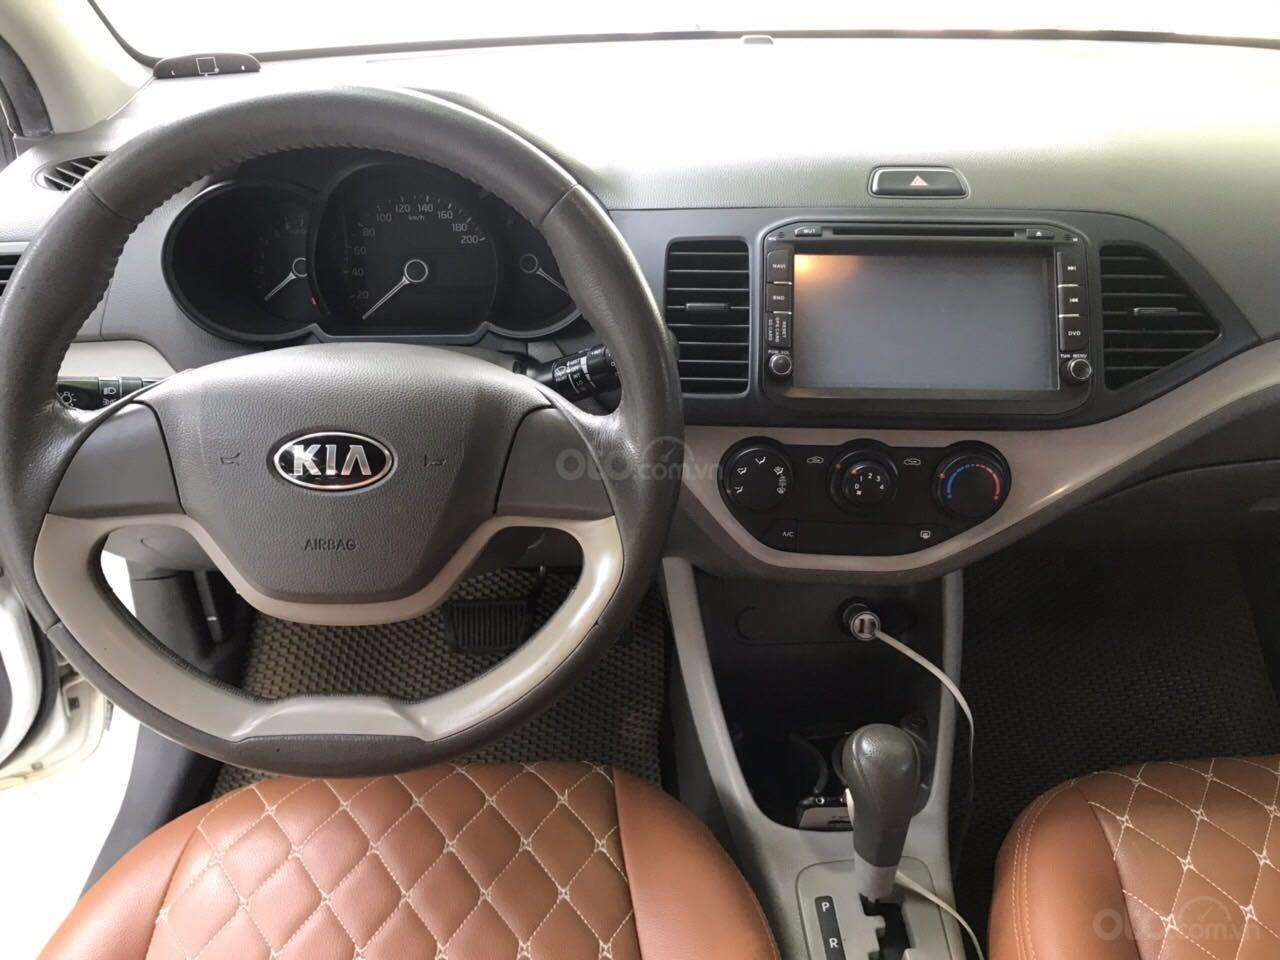 Bán xe Kia Morning sản xuất 2014 cam kết xe không đâm và không ngập nước (4)